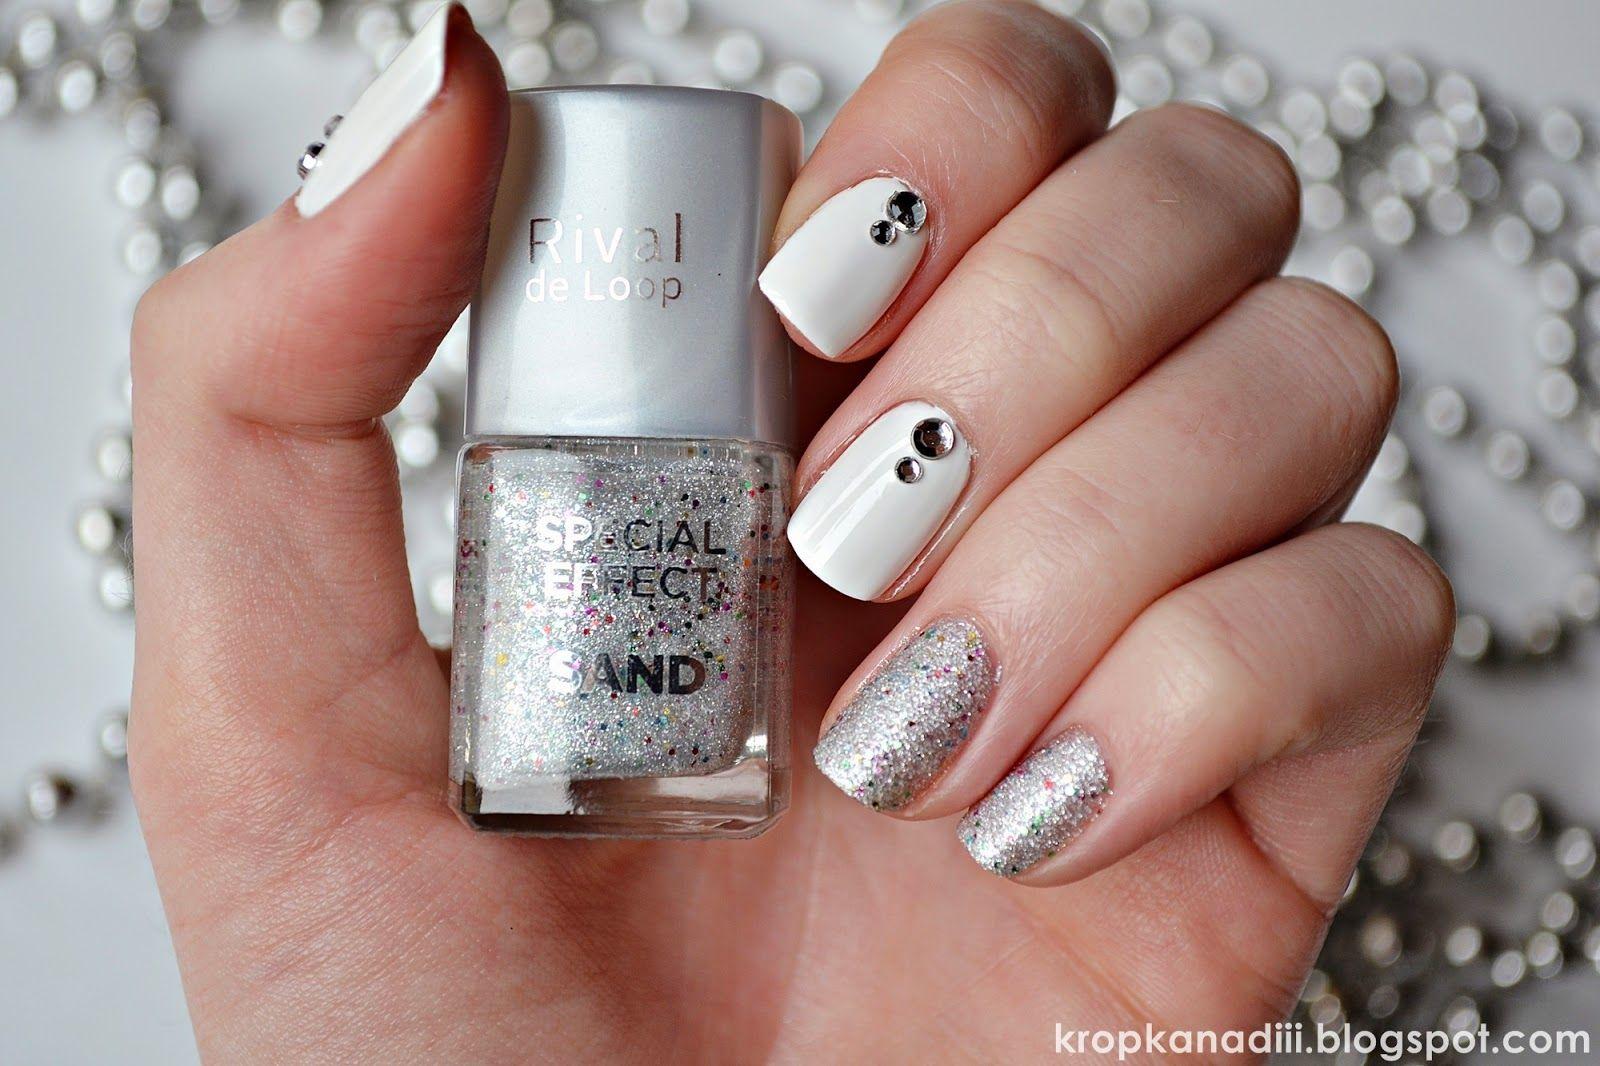 White Rhinestoned Nails : http://kropkanadiii.blogspot.com/2015/02/paznokciowe-insiracje-4-krysztaki-od-bps.html